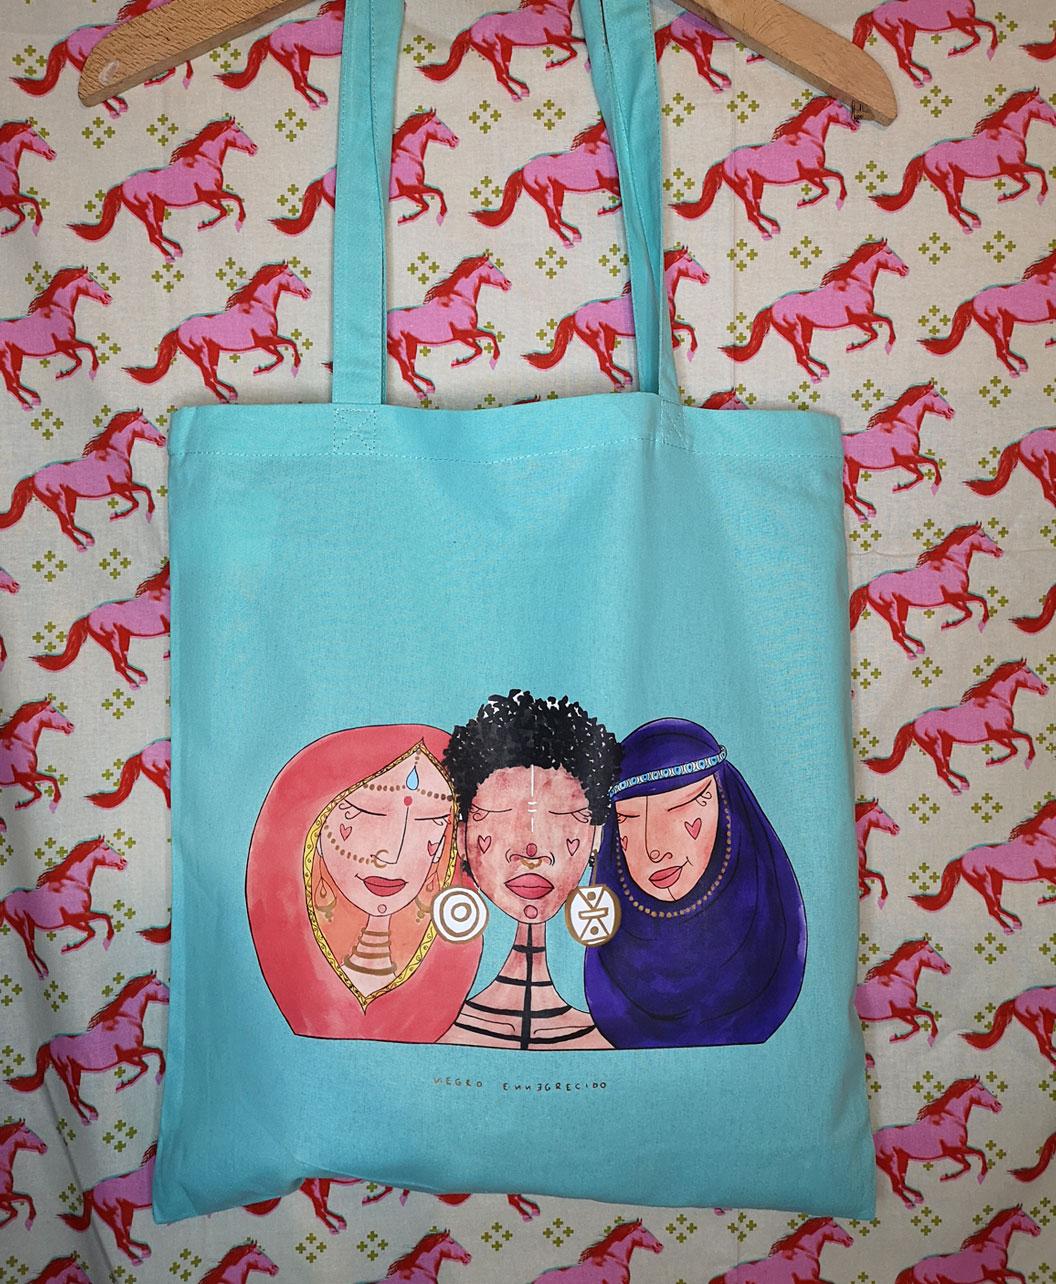 bolso tela tote bag colorido alegre ilustracion feminista mujeres del mundo